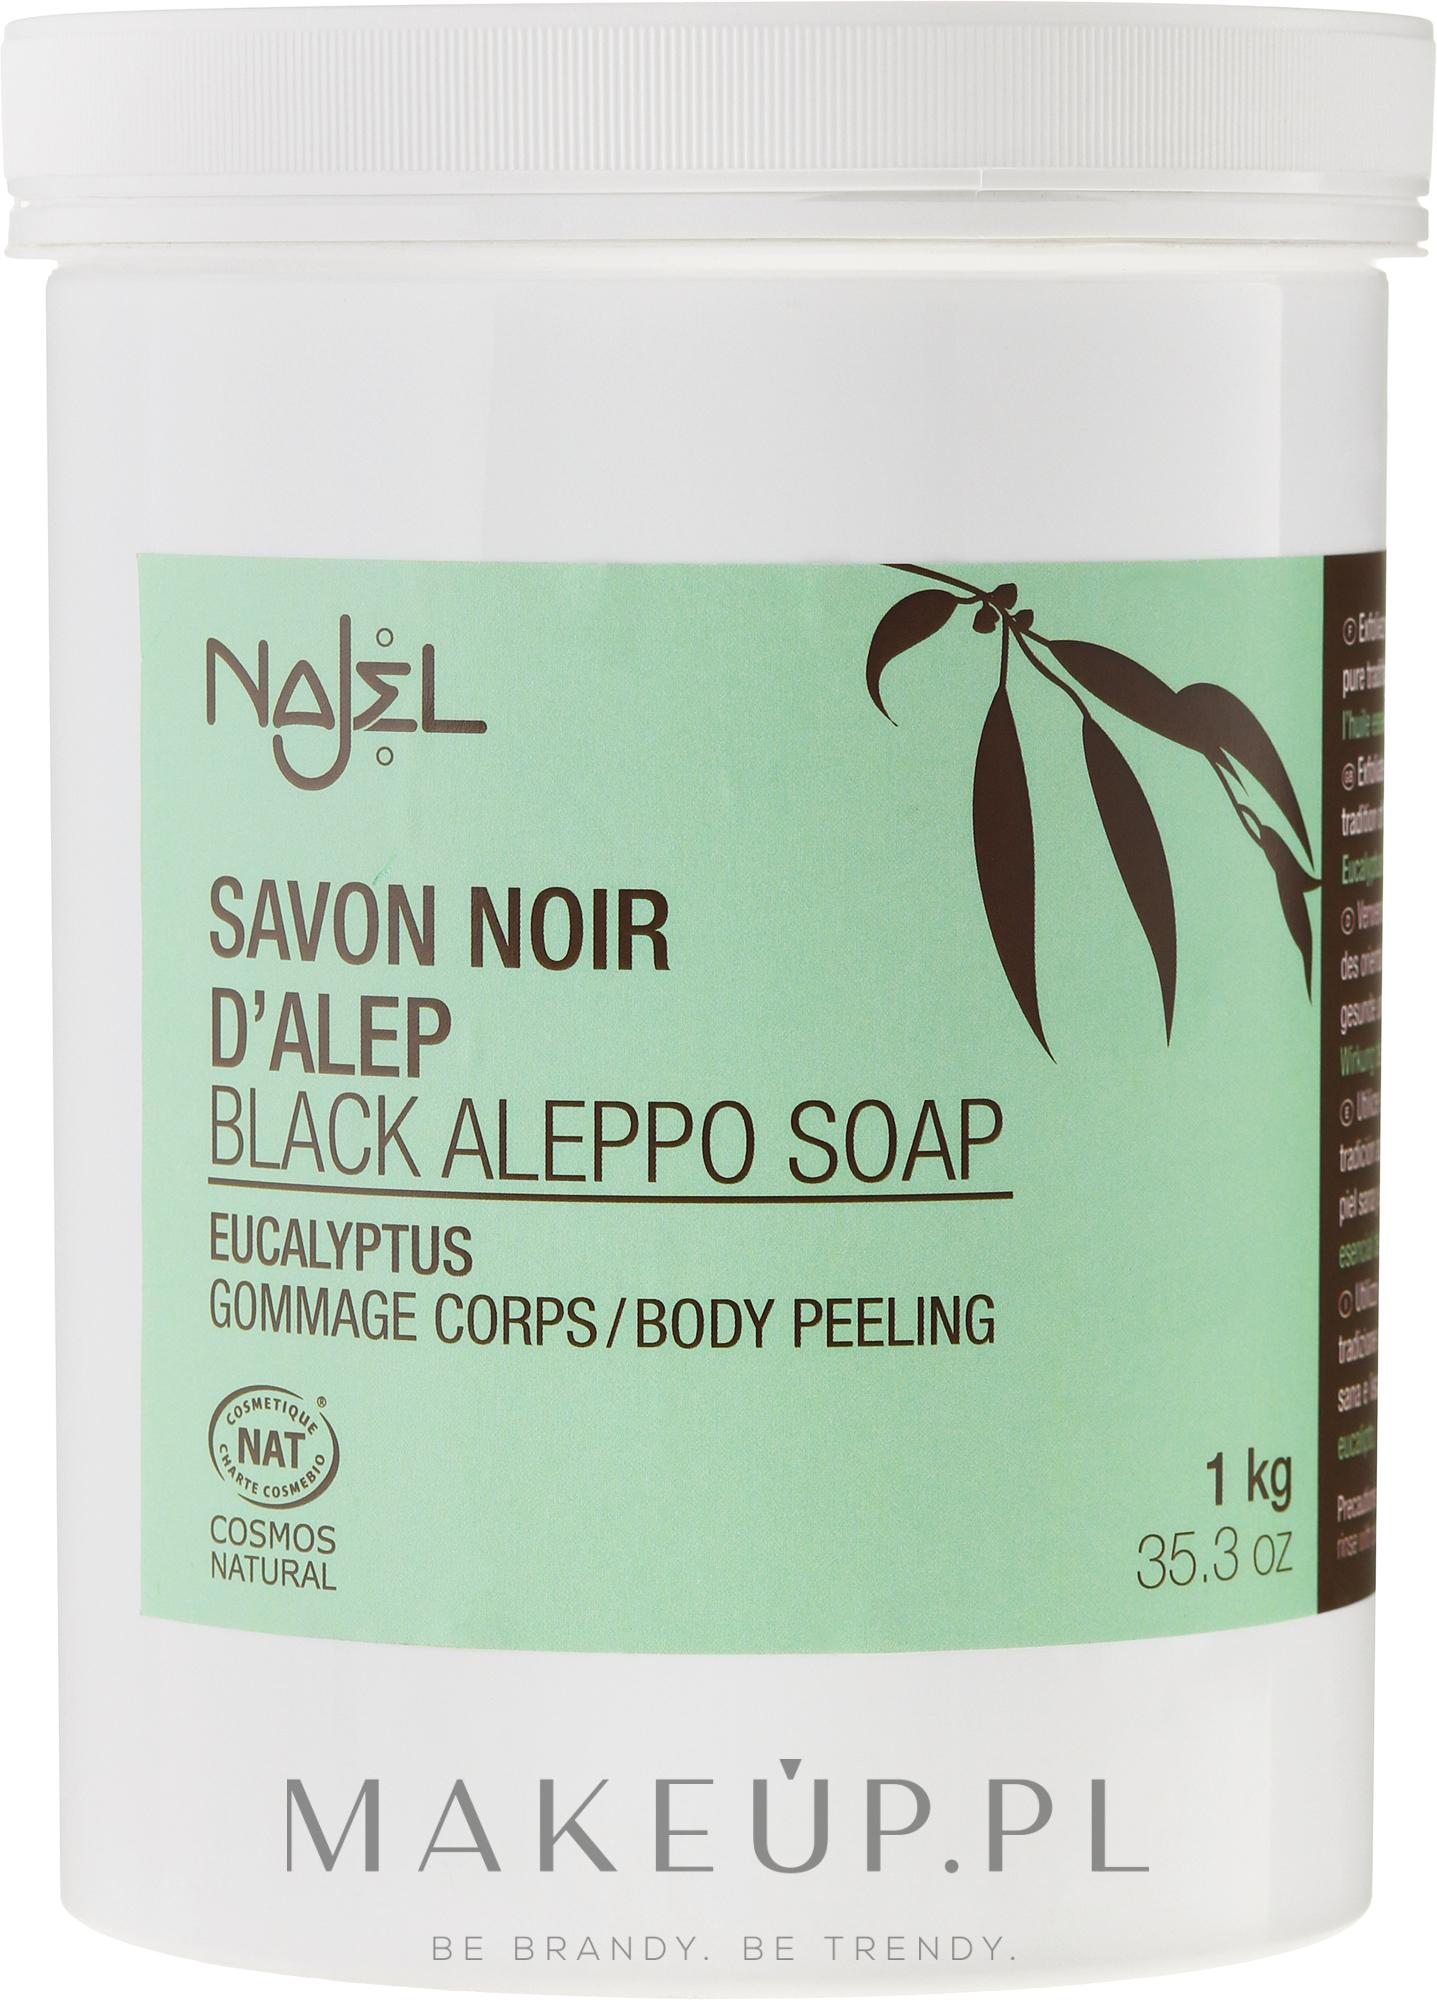 PRZECENA! Czarne peelingujące mydło aleppo z eukaliptusem - Najel Black Savon Noir Aleppo Soap Eucalyptus Body Peeling * — фото 1000 g